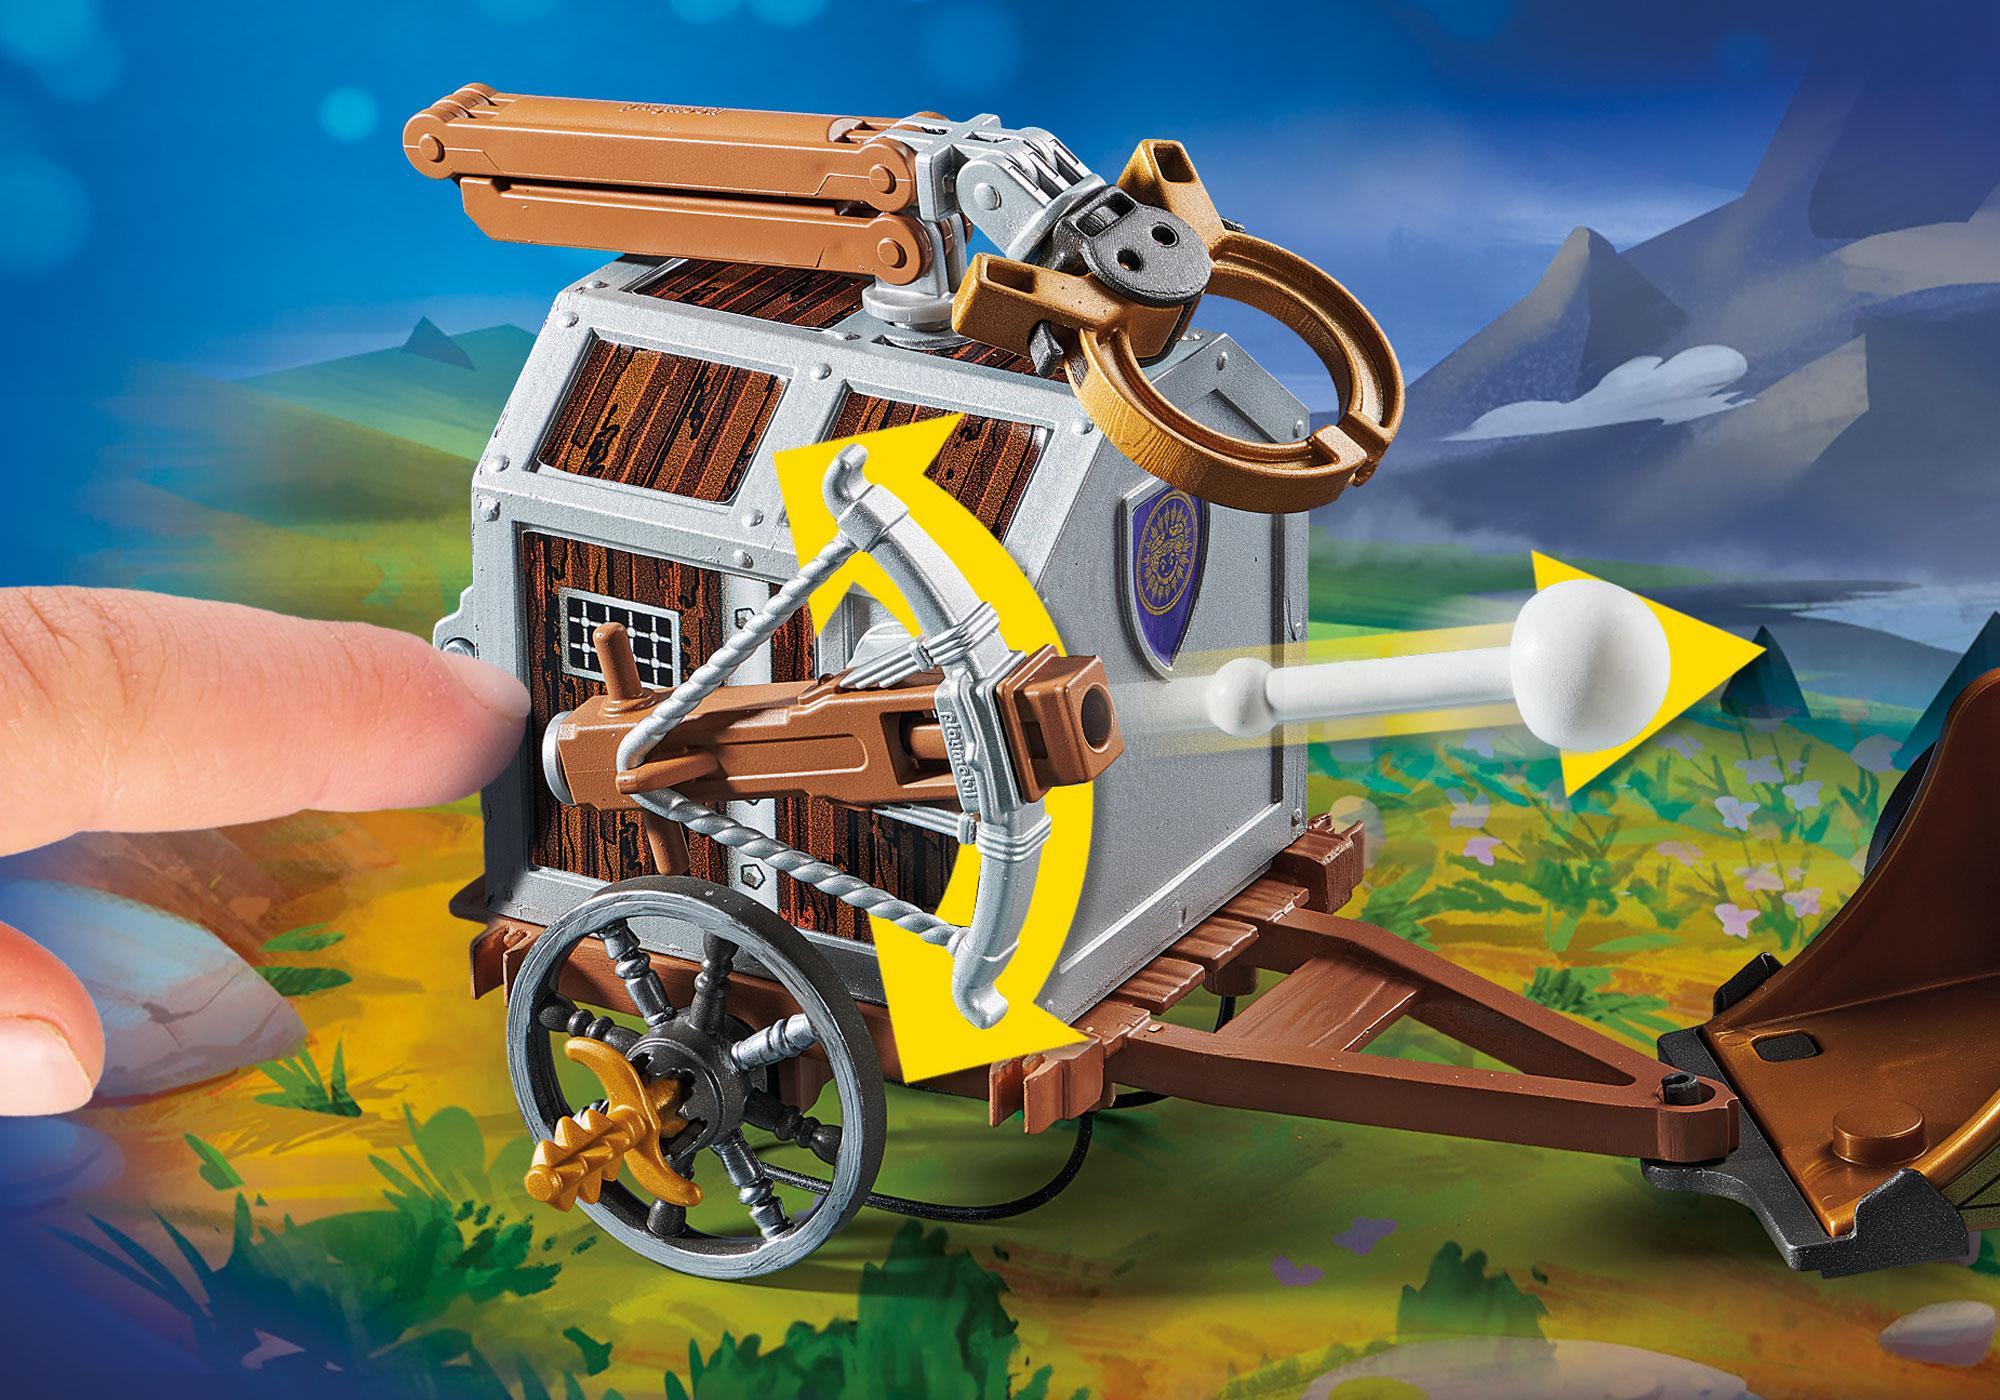 http://media.playmobil.com/i/playmobil/70073_product_extra1/PLAYMOBIL: THE MOVIE Charlie avec convoi de prison